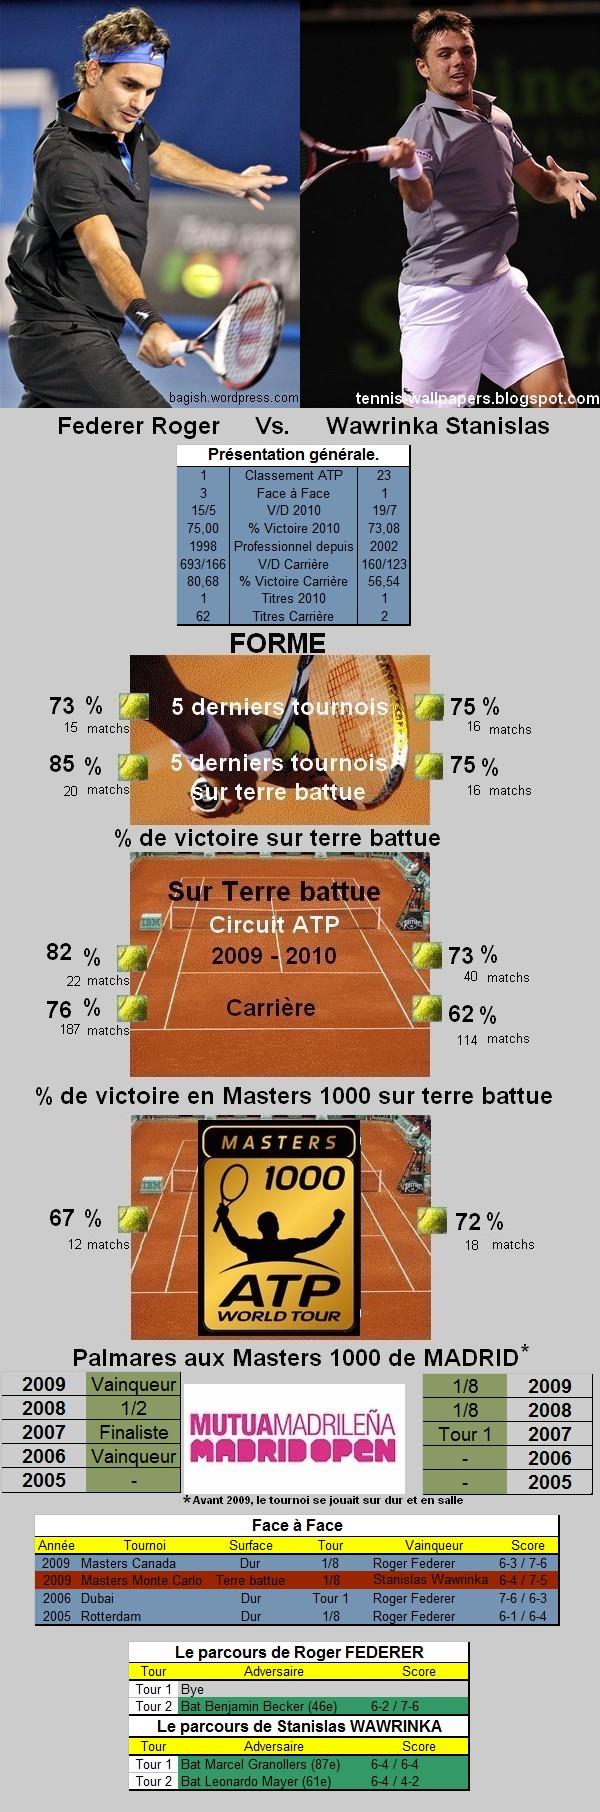 Statistiques tennis de Federer contre Wawrinka à Madrid